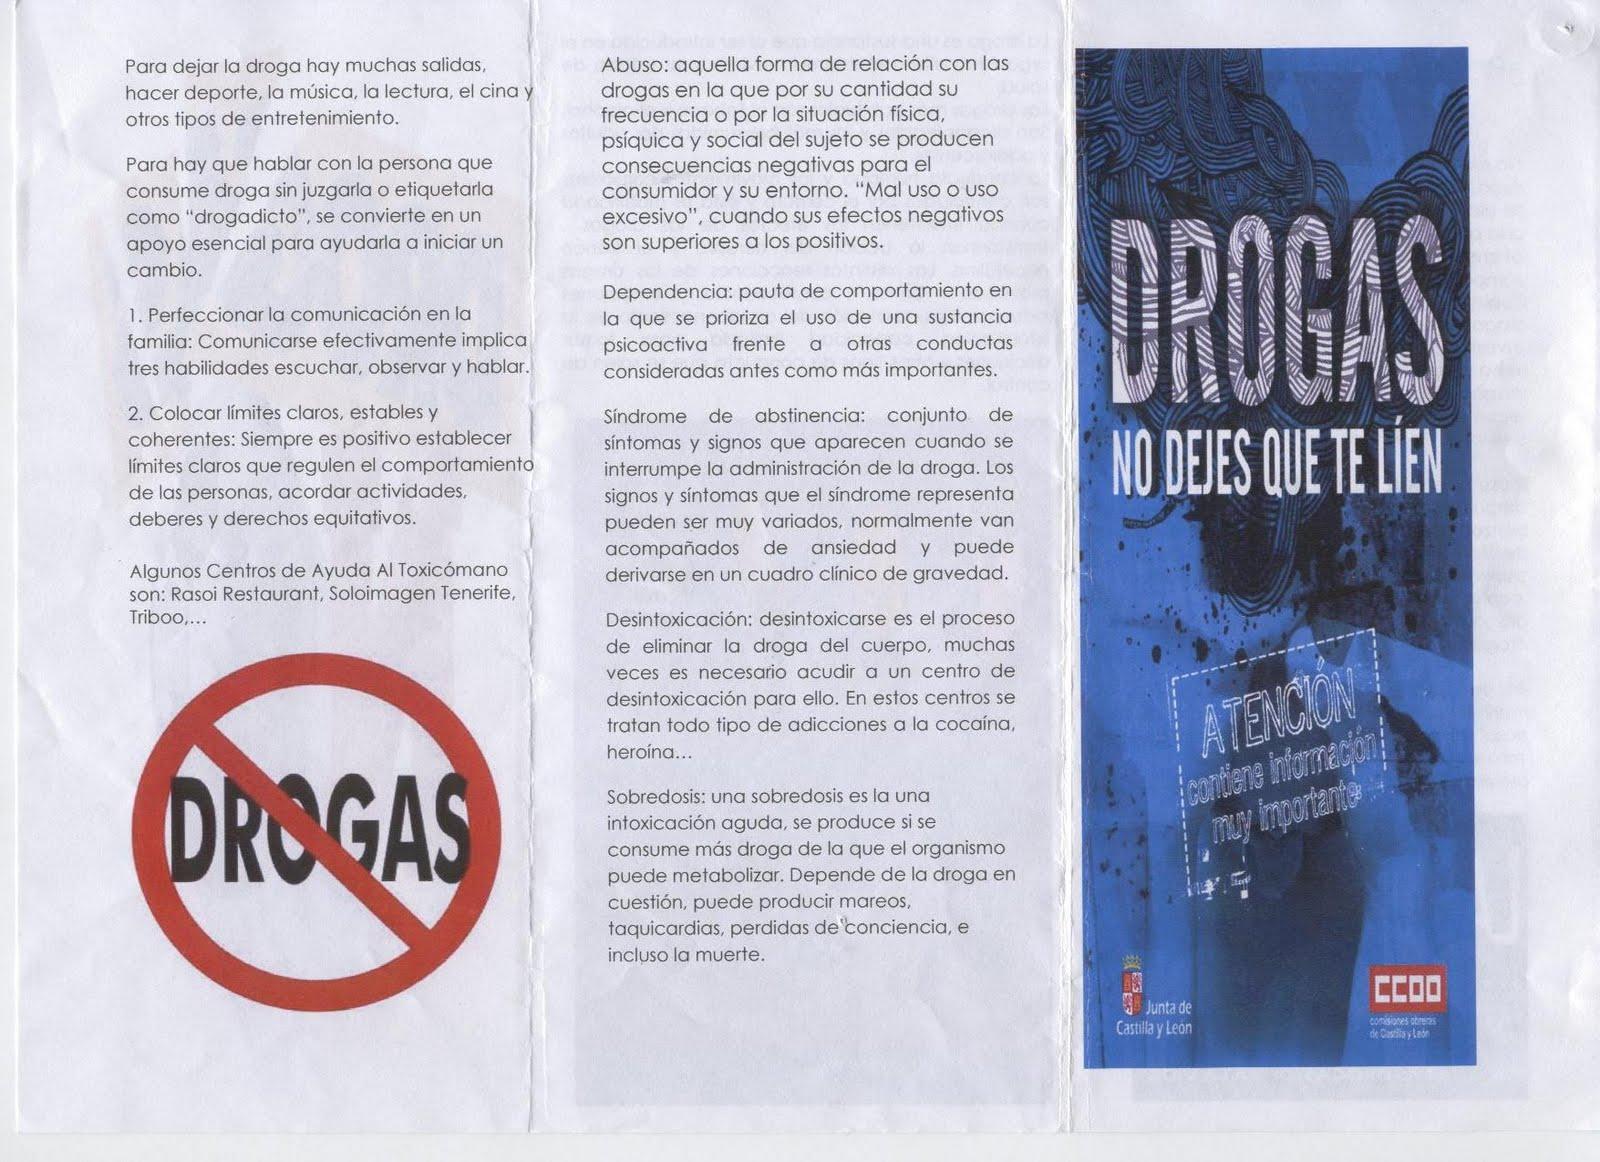 LAS DROGAS: DÍPTICOS ELABORADOS POR NUESTROS ALUMNOS 2010-2011